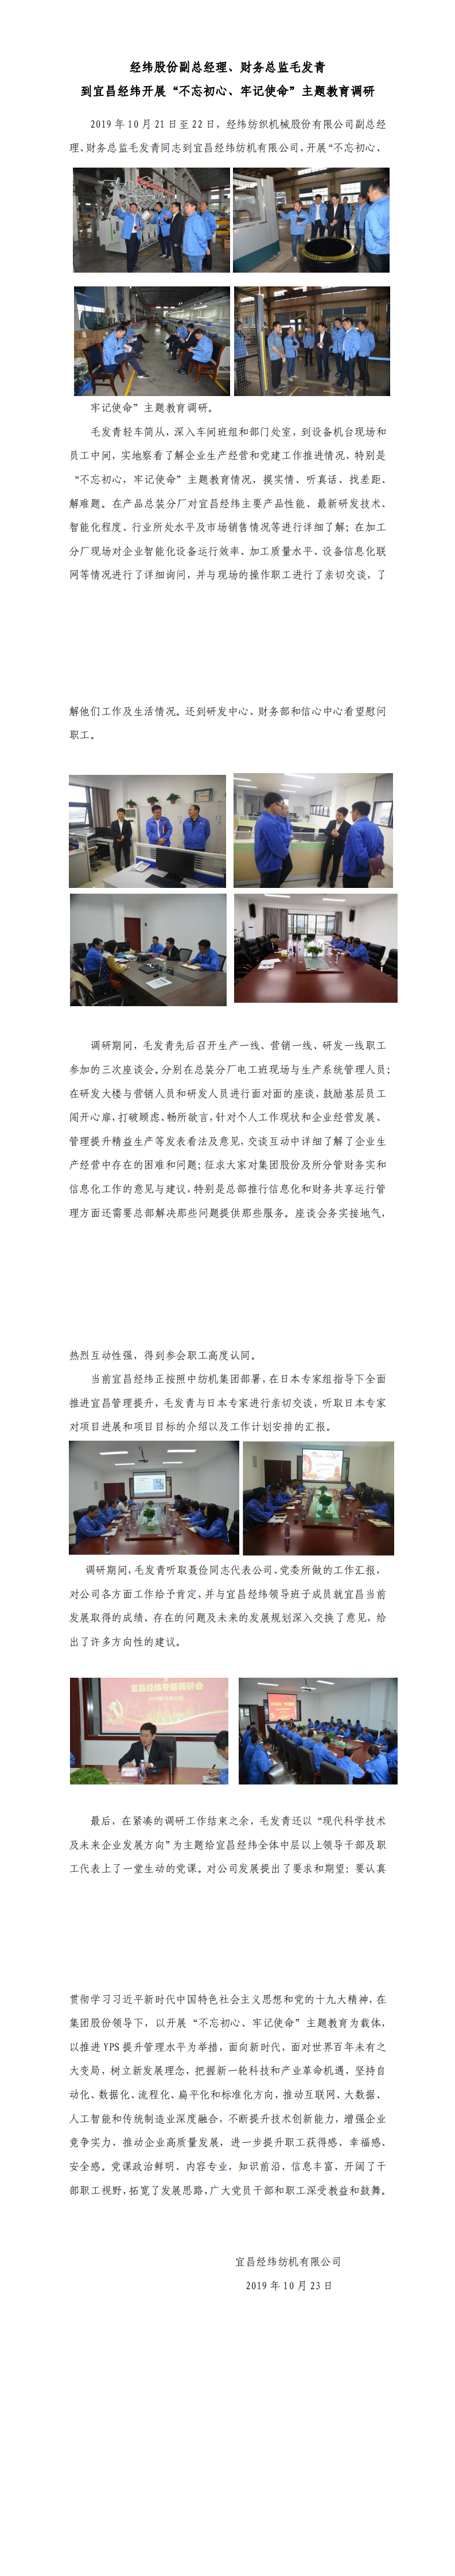 20191023毛发青到宜昌经纬开展主题教育调研-定_0